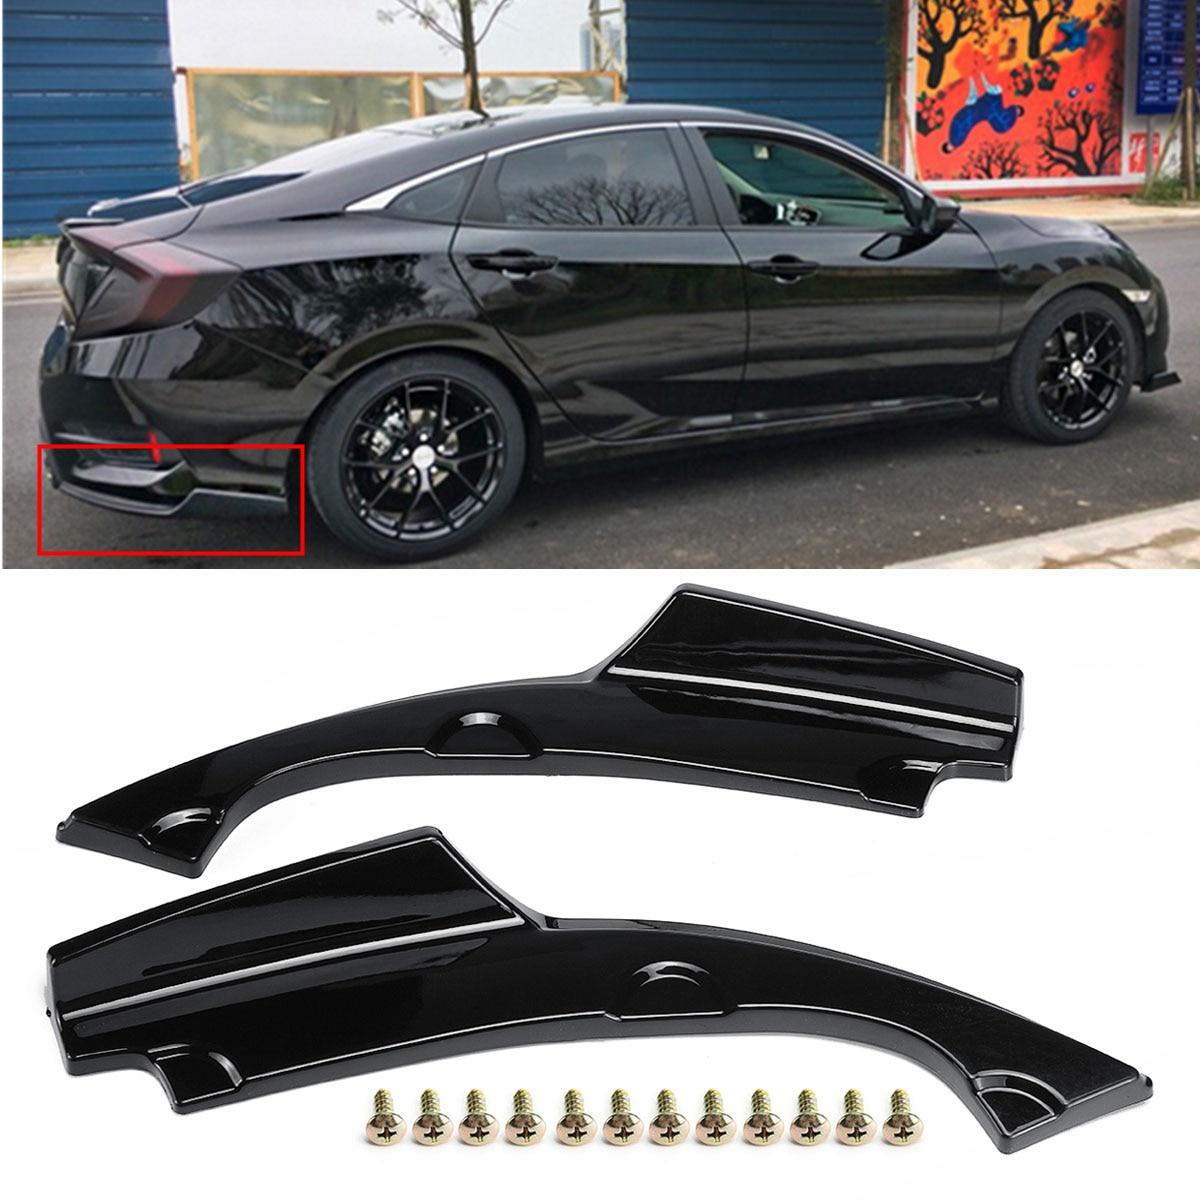 2 pièces voiture pare-chocs arrière coin inférieur cantonnière couvre répartiteur spoiler tablier coin cantonnière pour Honda pour Civic 4DR 2016-2018